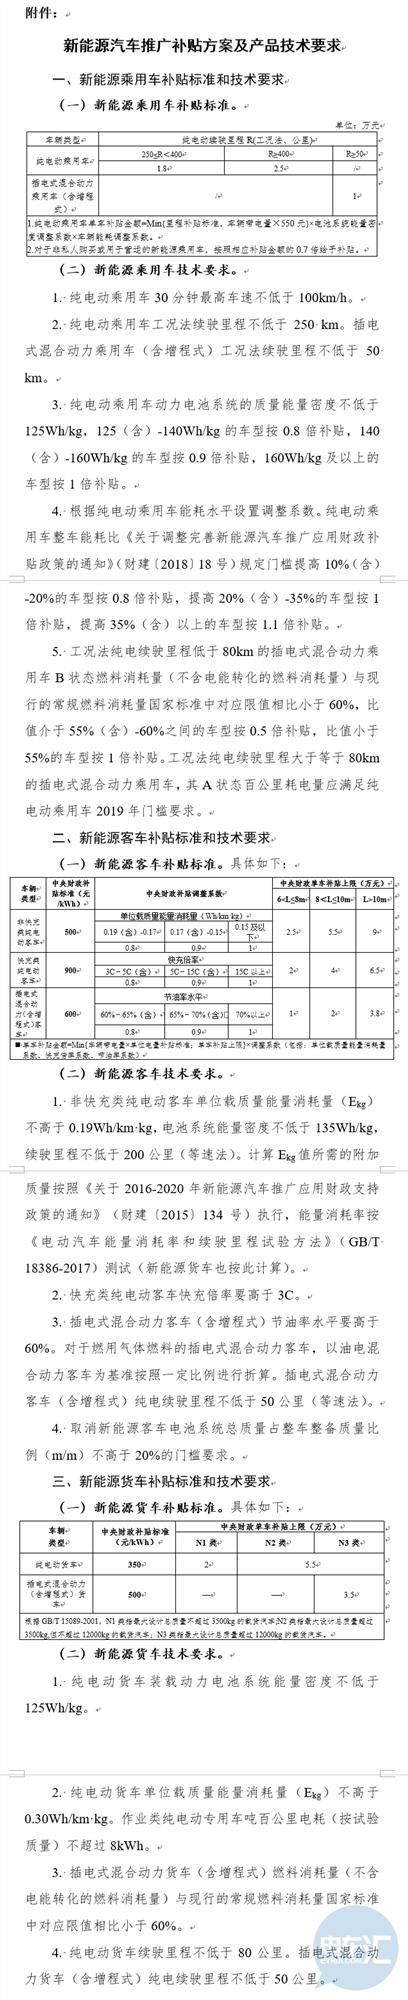 2019新能源补贴政策公布(补贴预拨付/取消地补/设过渡期)